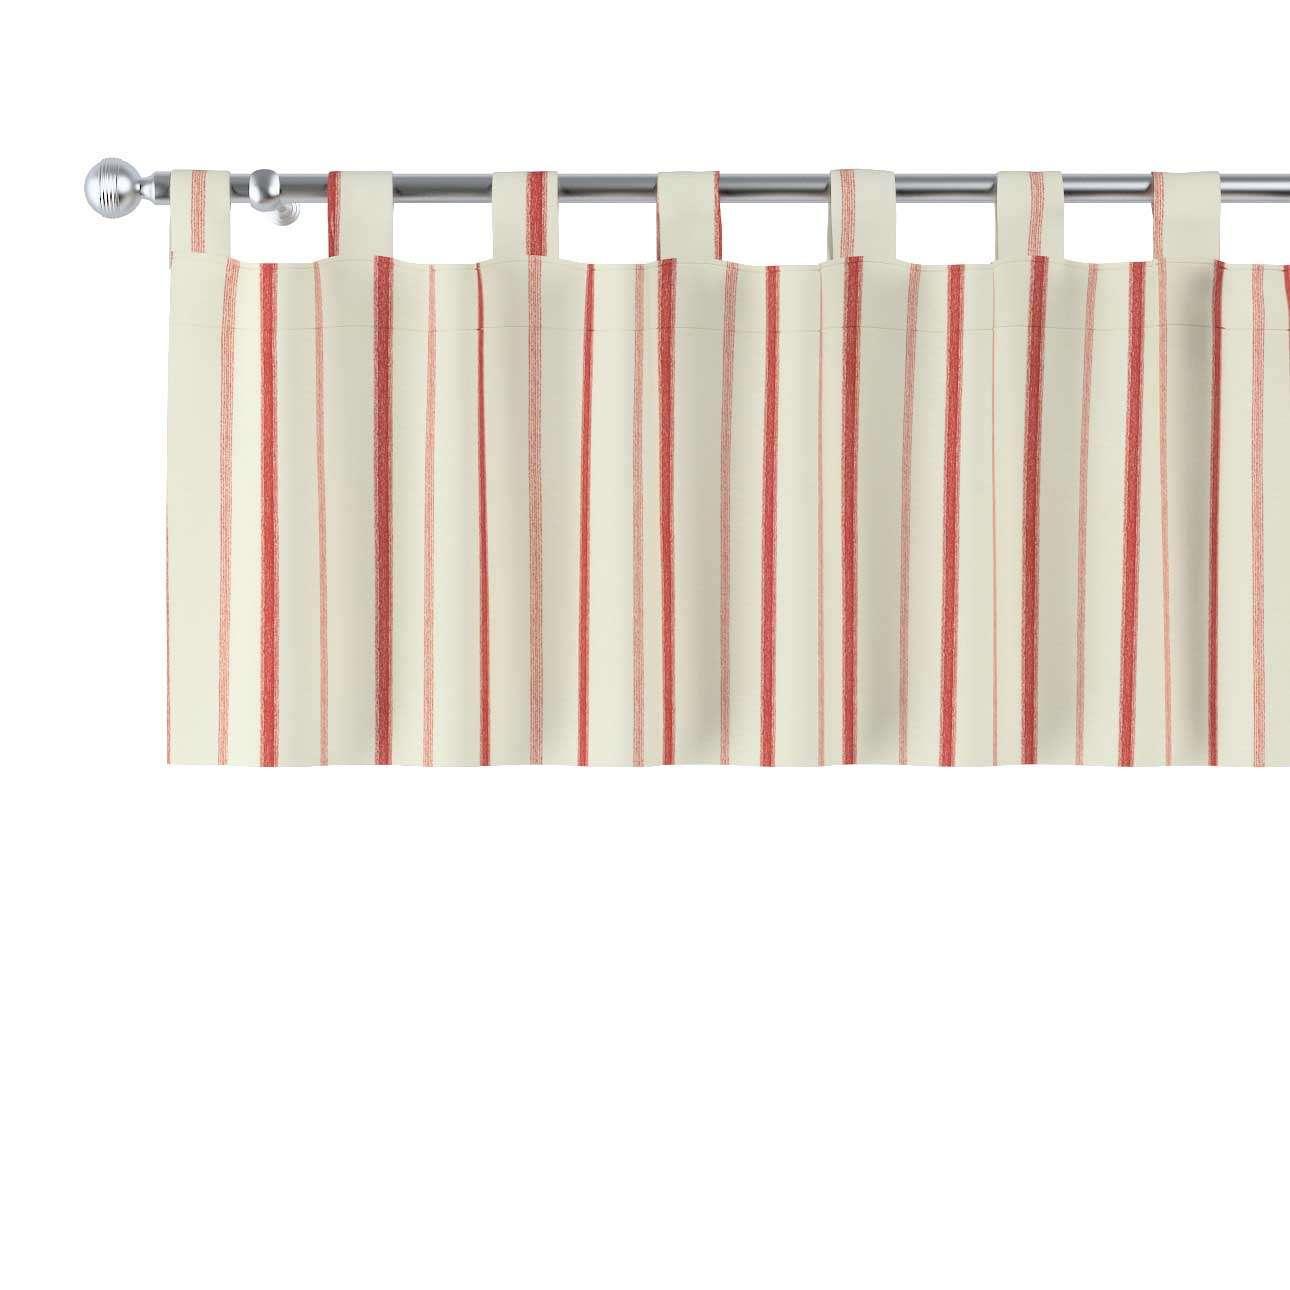 Gardinkappa med hällor 130 × 40 cm i kollektionen Avinon, Tyg: 129-15